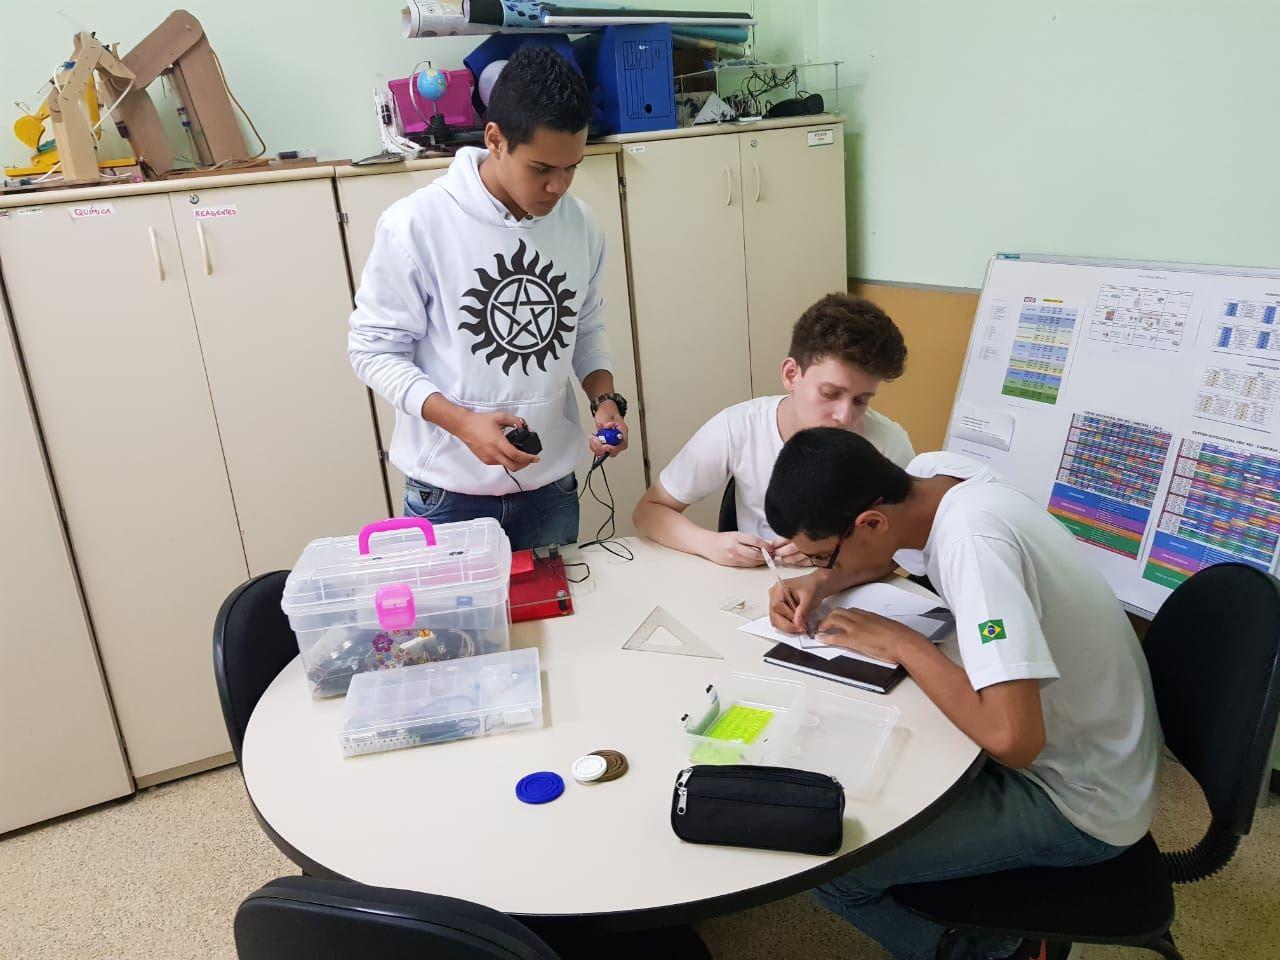 Projeto nasceu na sala de aula durante as atividades de iniciação científica